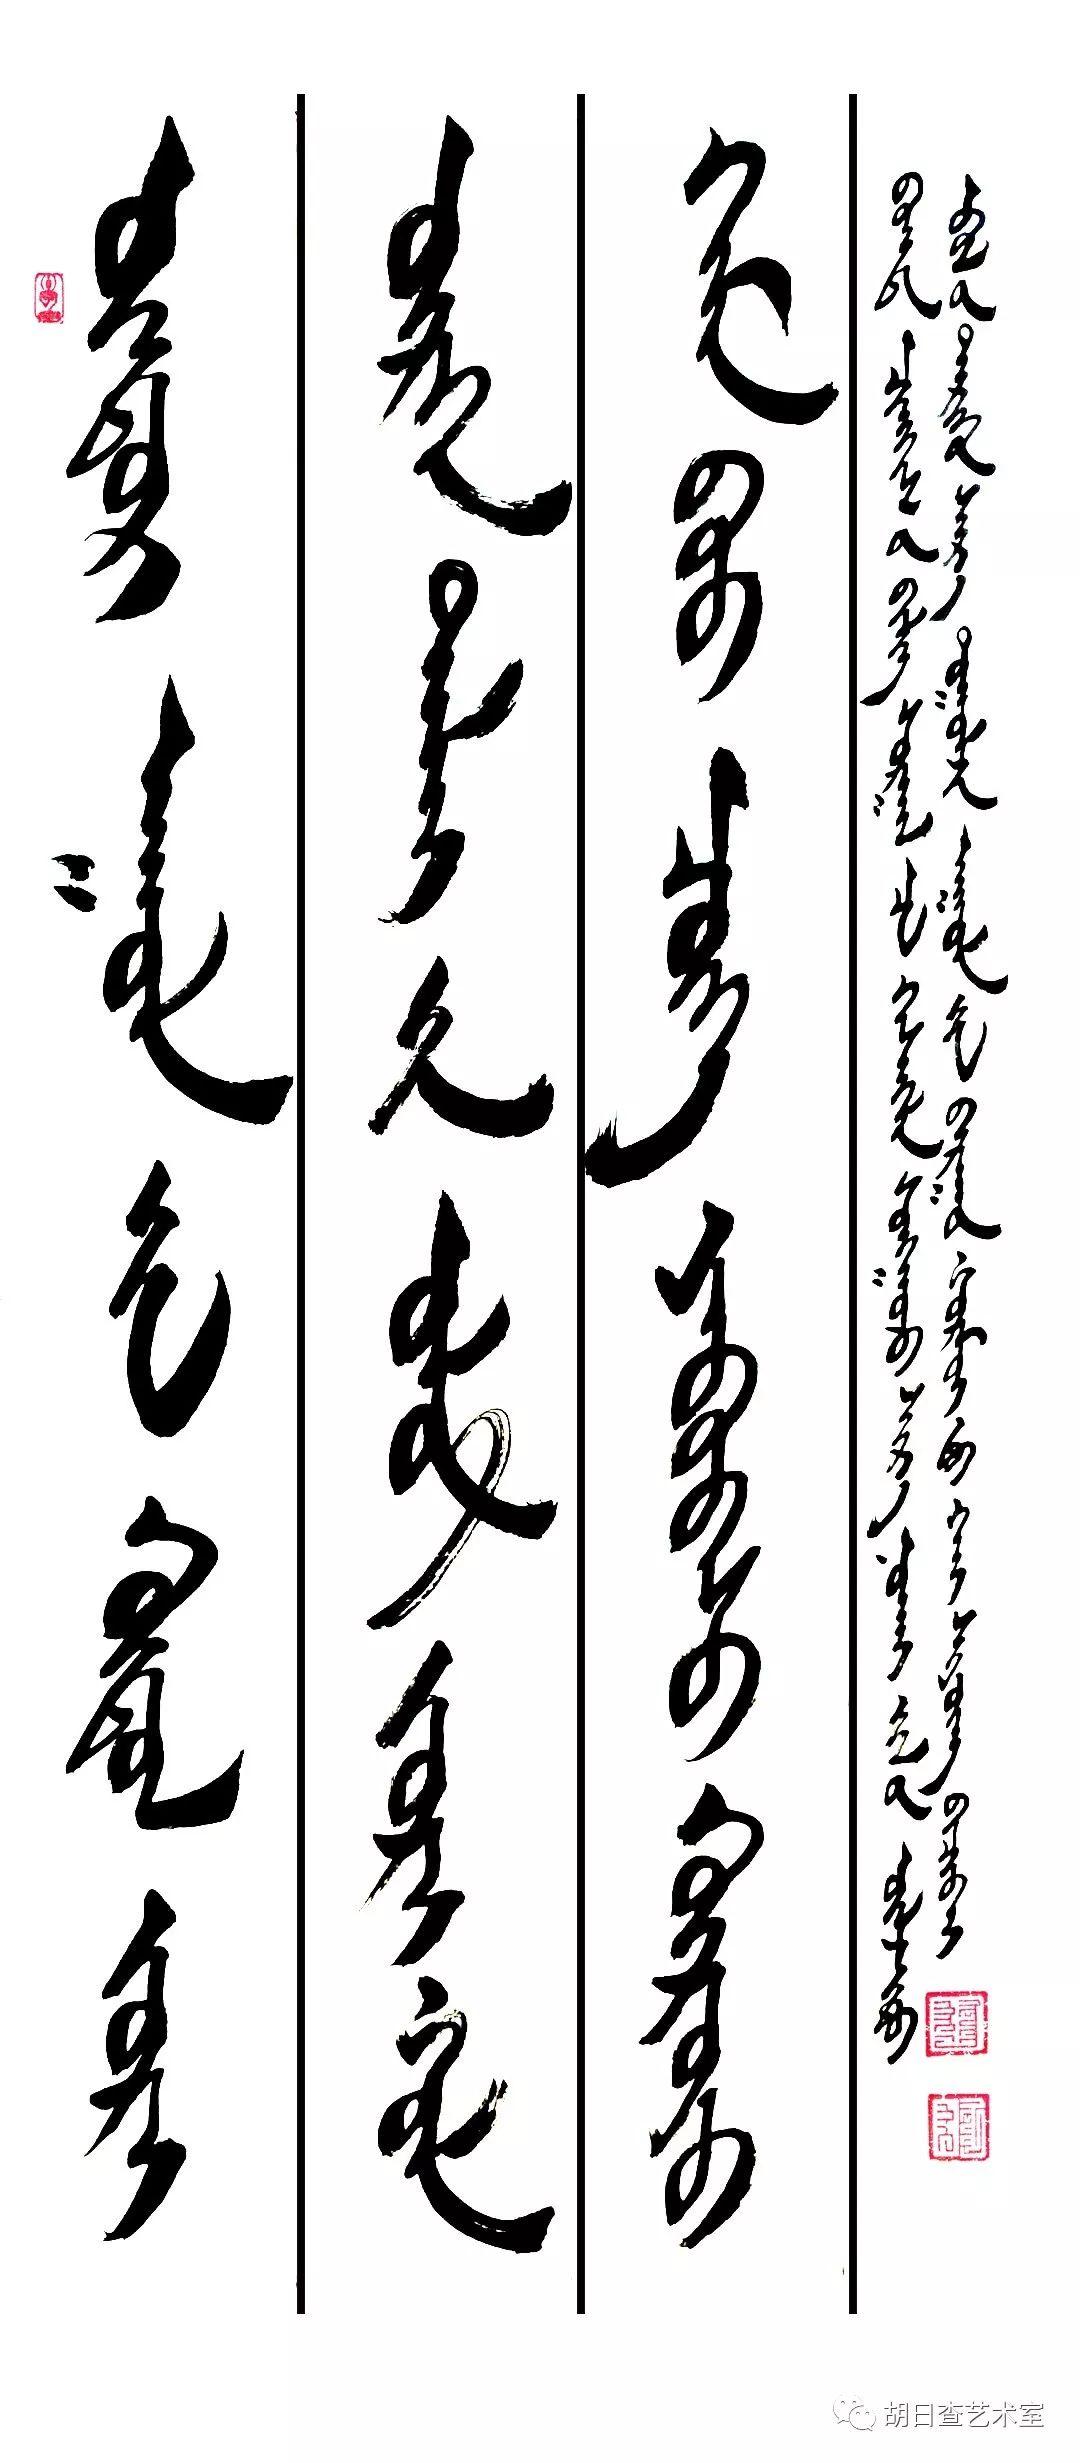 海雄 • 蒙古文书法作品欣赏 第4张